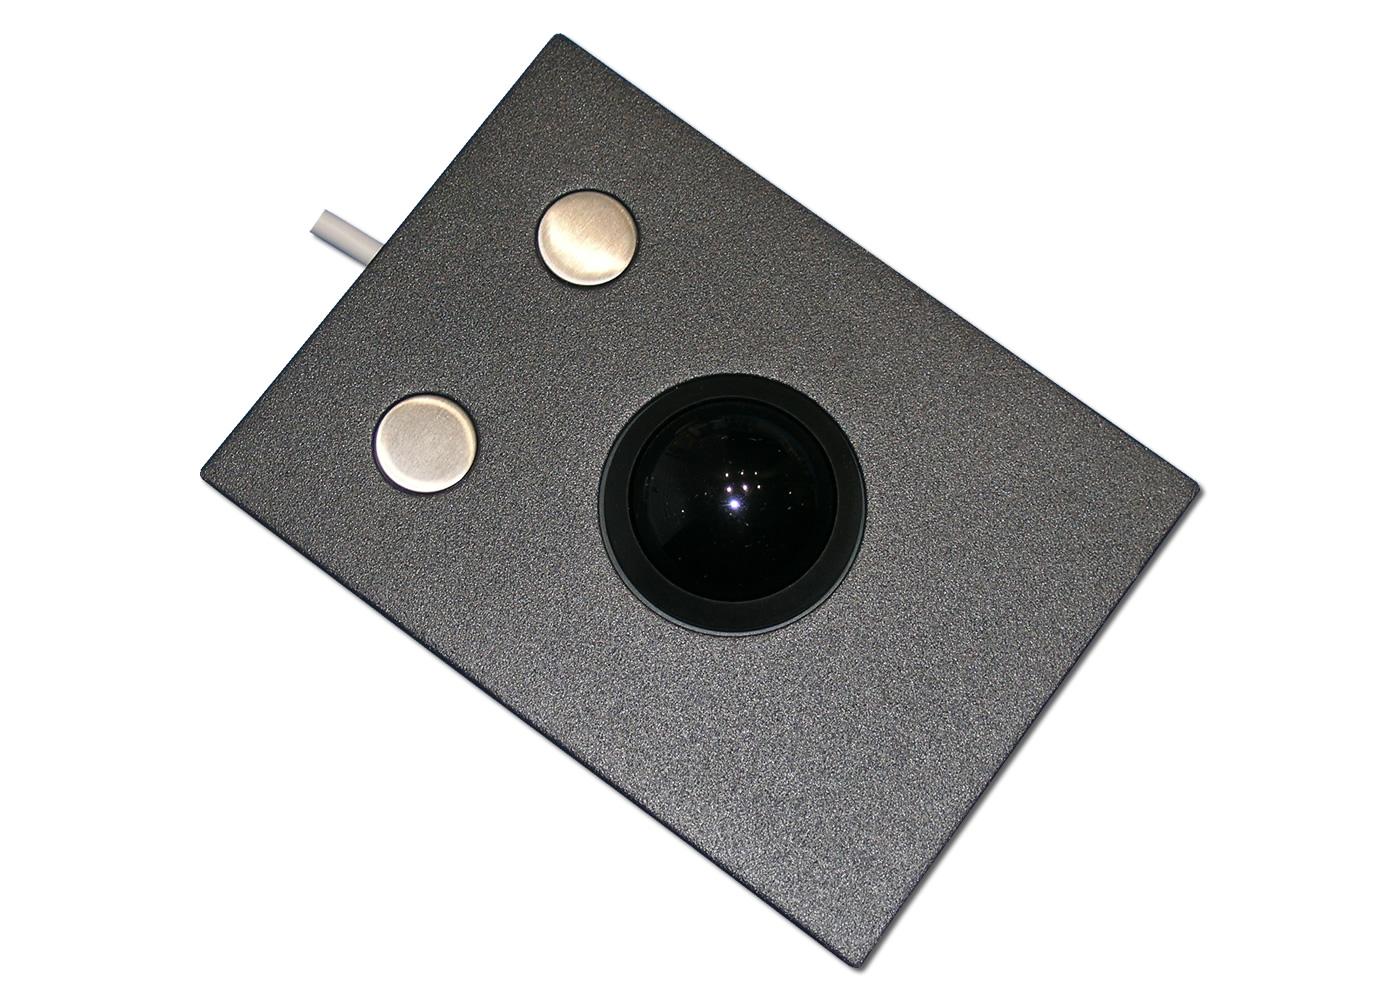 Trackball 38mm industrielle 2 boutons intégrable en panneau par l'avant